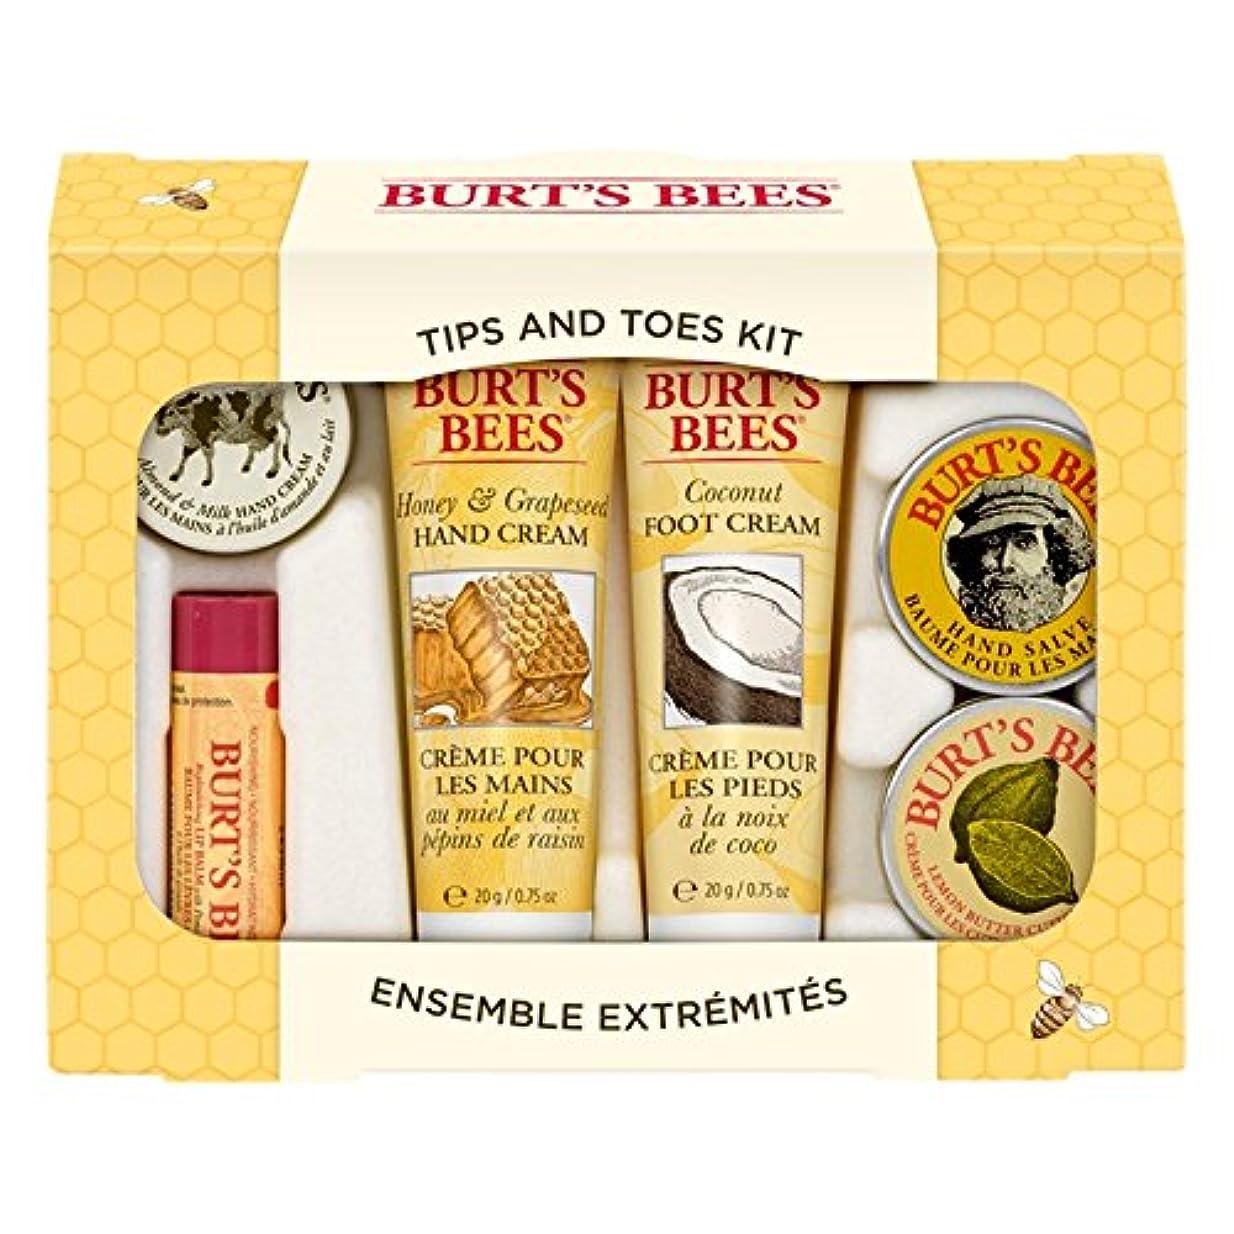 体系的に矢印激しいバーツビーのヒントとつま先はスターターキットをスキンケア (Burt's Bees) - Burt's Bees Tips And Toes Skincare Starter Kit [並行輸入品]